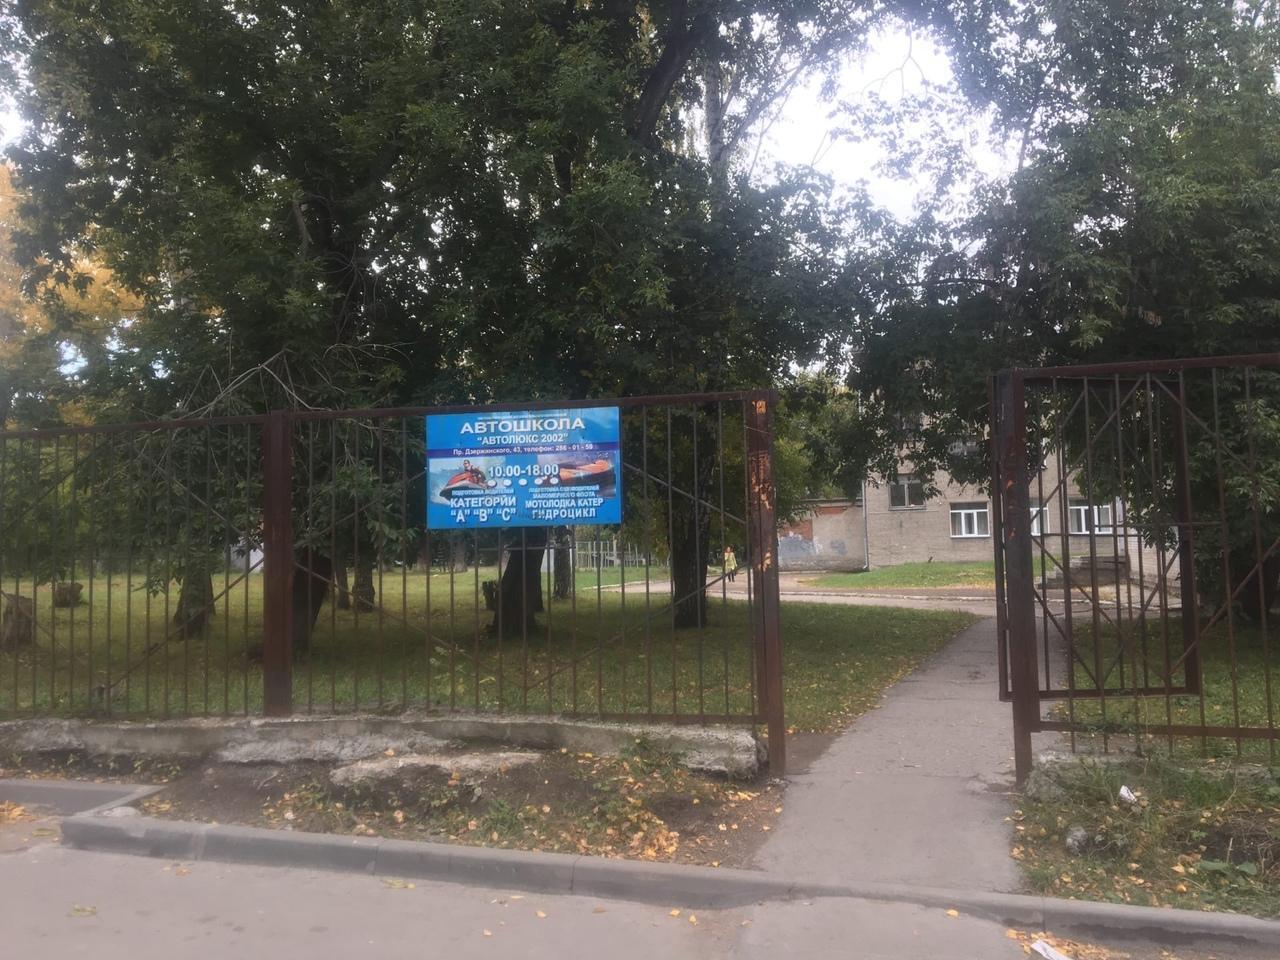 Фото Выборы в Новосибирске: онлайн дня голосования за депутатов Госдумы 19 сентября 2021 года 34